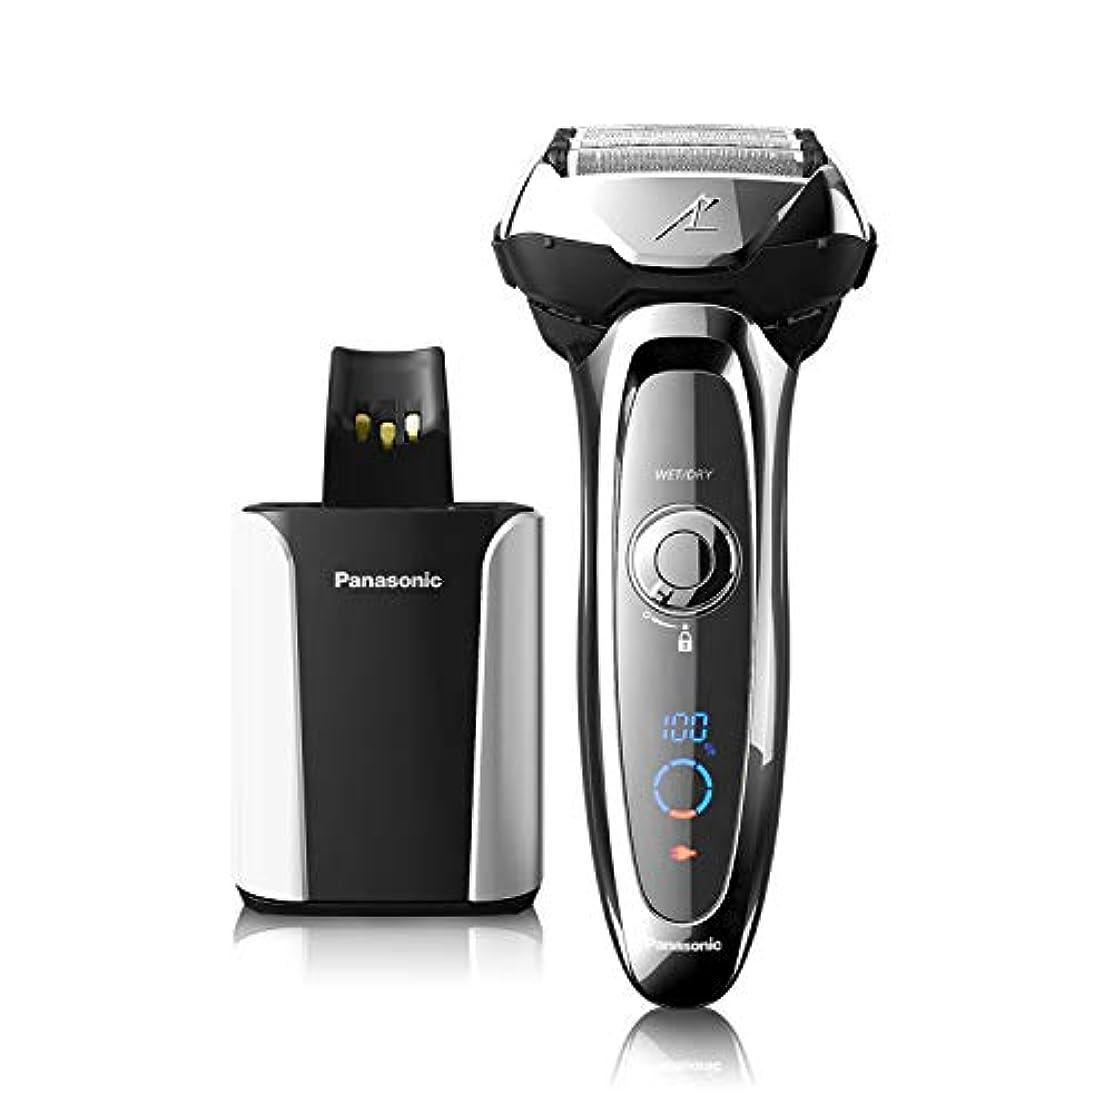 借りている現実的私たち自身Panasonic ES-LV95-S Arc5 Wet/Dry Shaver with Cleaning and Charging System(US Version, Imported)